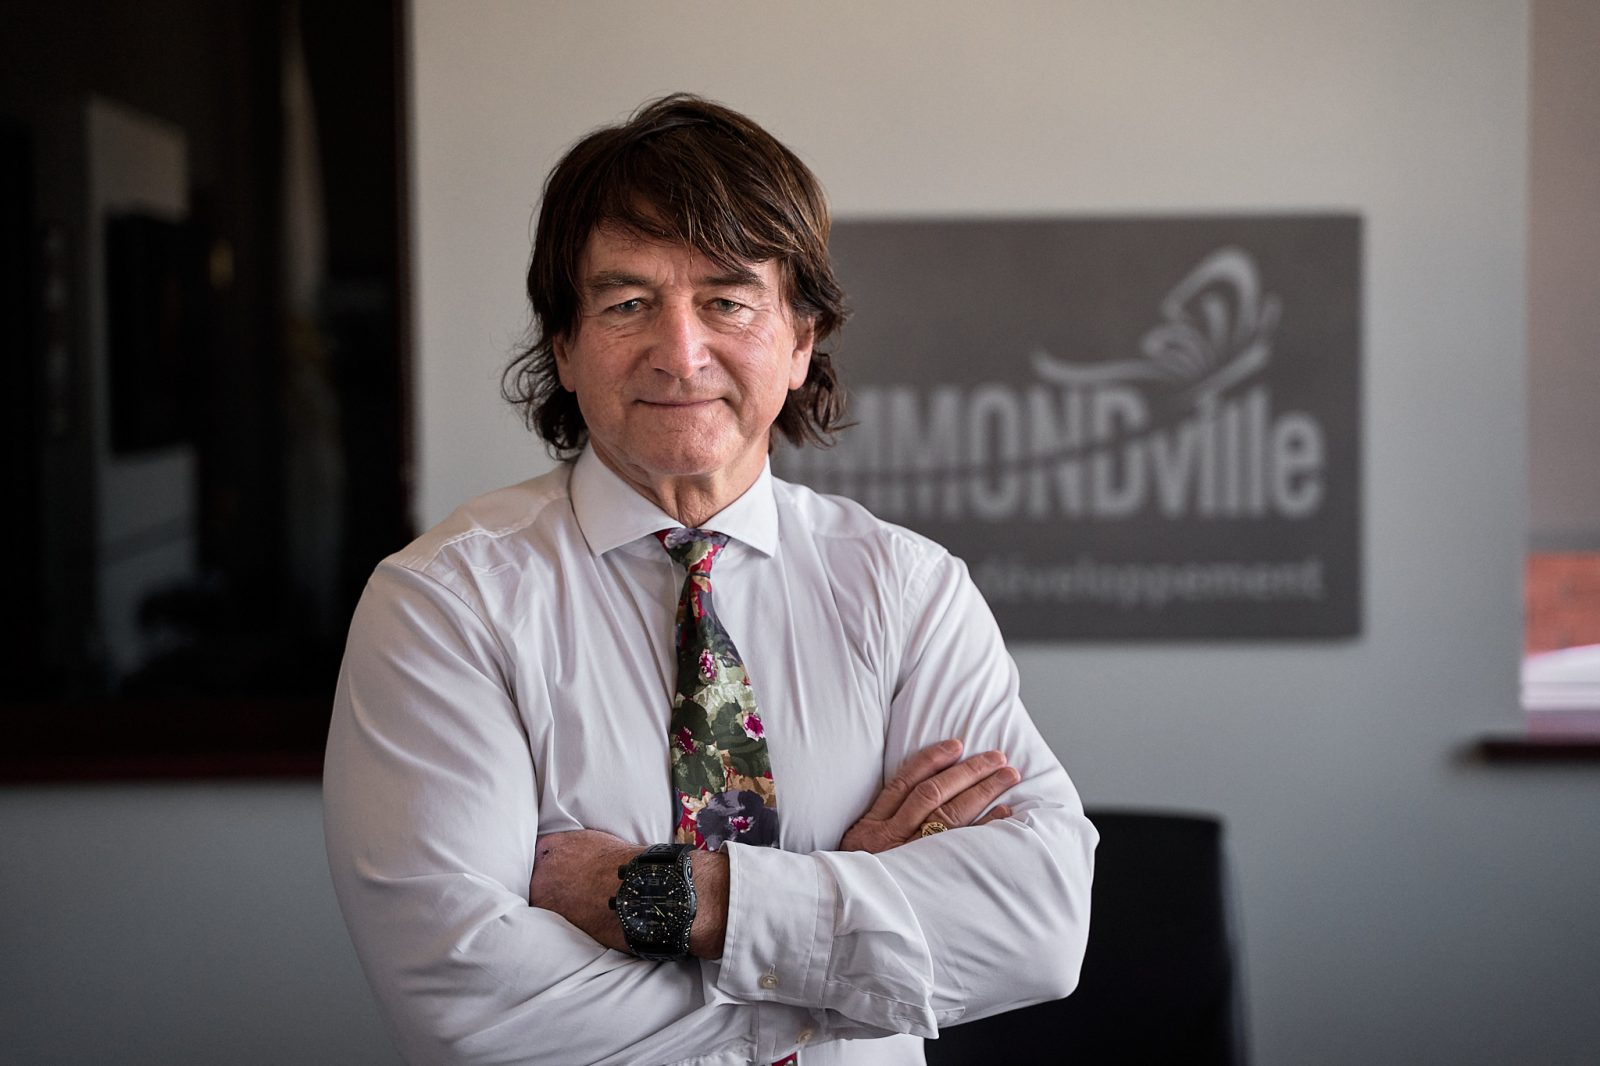 Le maire Carrier se réjouit que Drummondville passe au palier orange